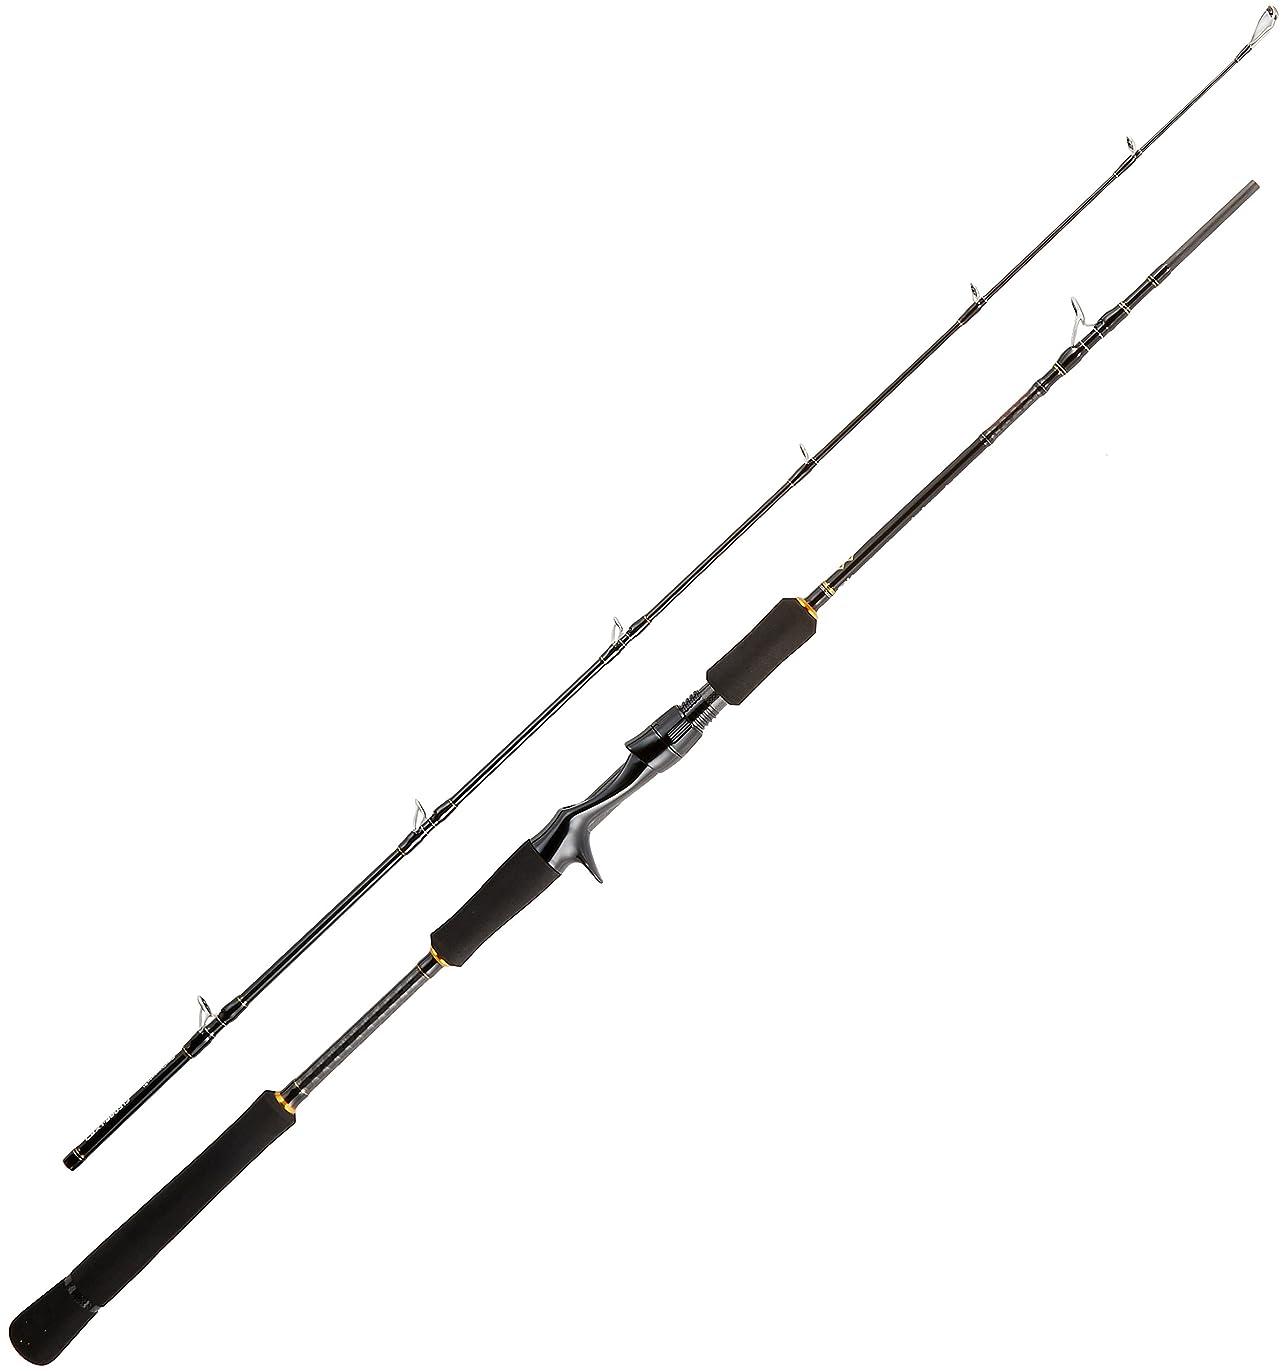 チューインガムコーン音楽家メジャークラフト ジギングロッド ベイト 3代目 クロステージ ジギング 2ピース CRXJ-B602/3 6.0フィート 釣り竿